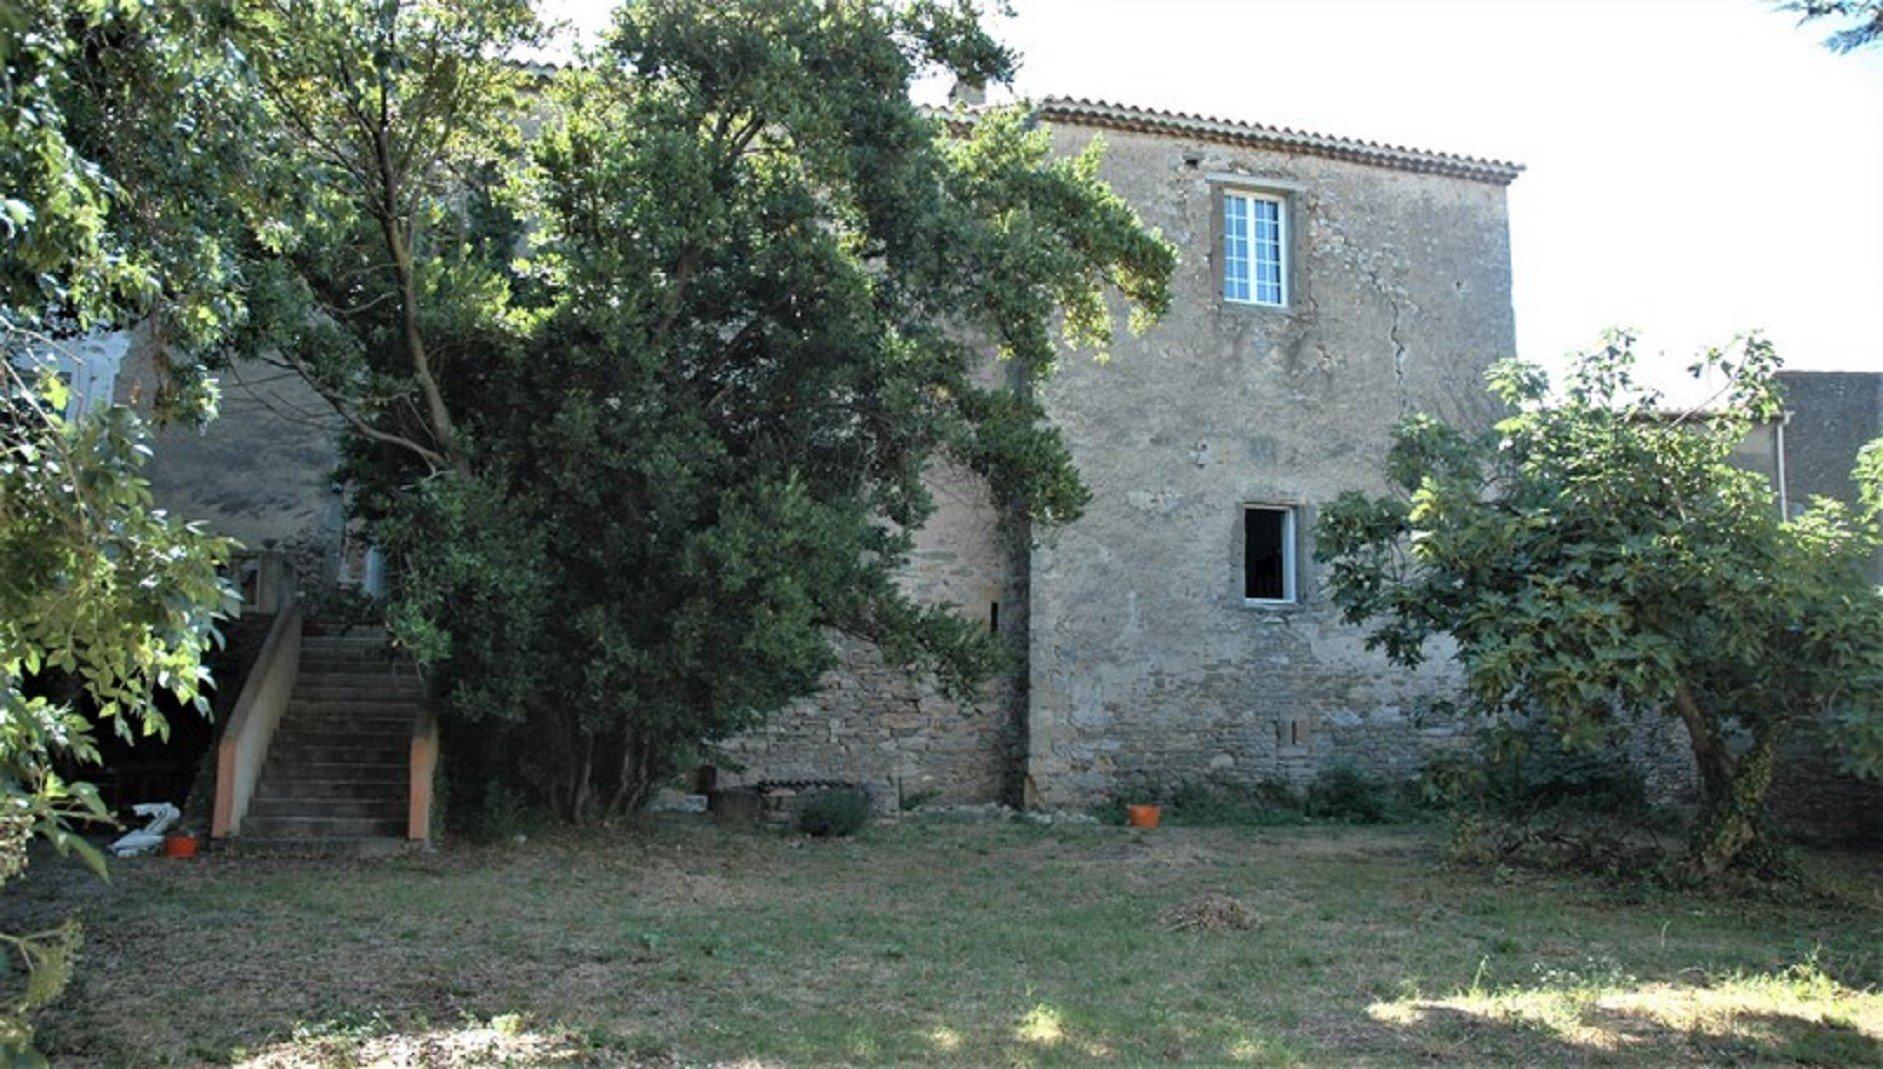 Une partie d'un château médiéval avec jardin